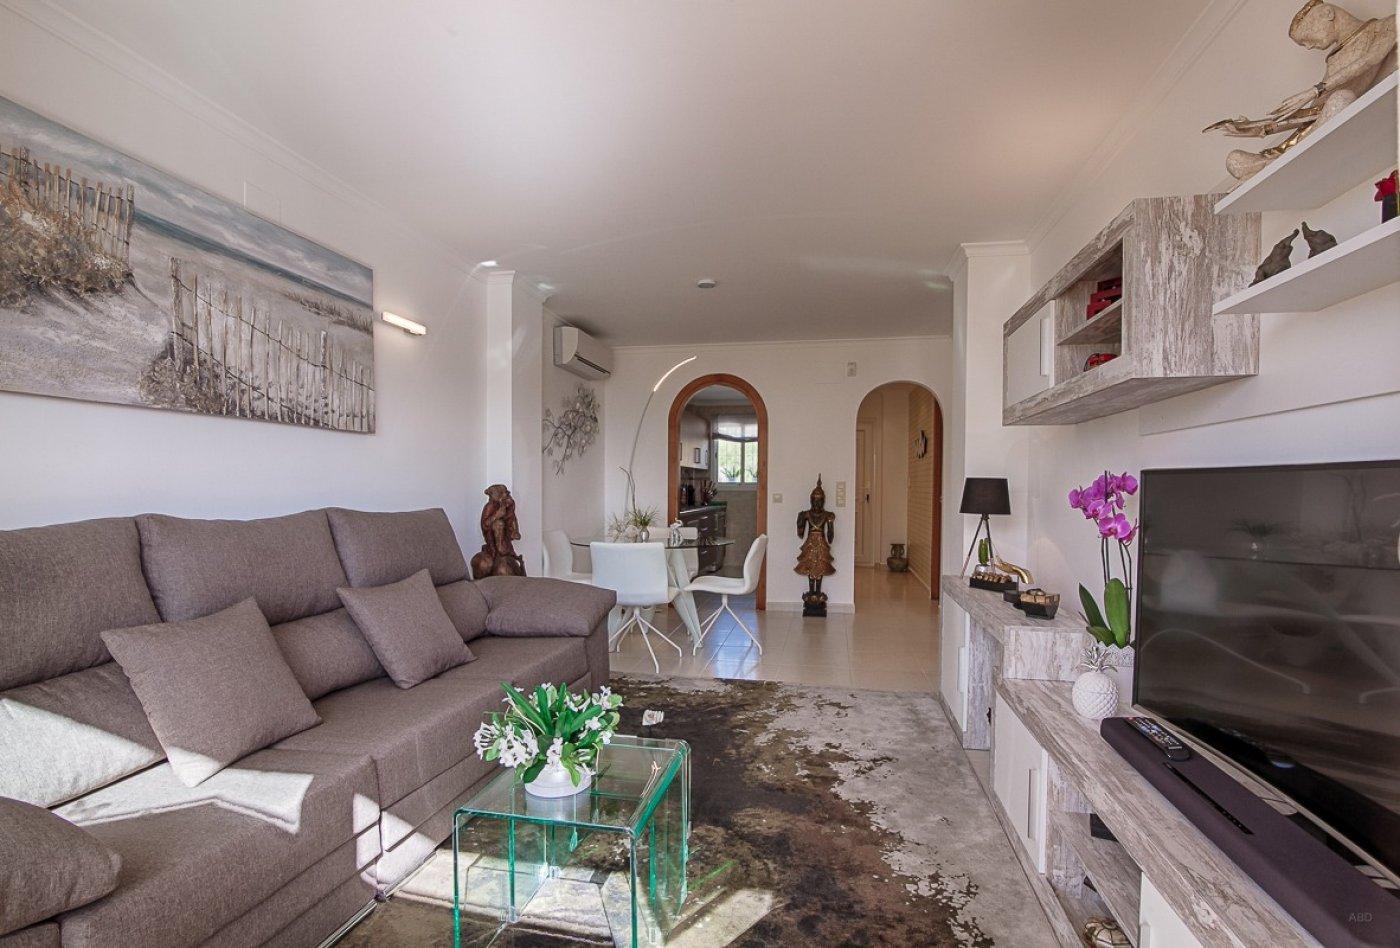 Apartamento - Entrar A Vivir - CUMBRES DEL SOL - Benitachell